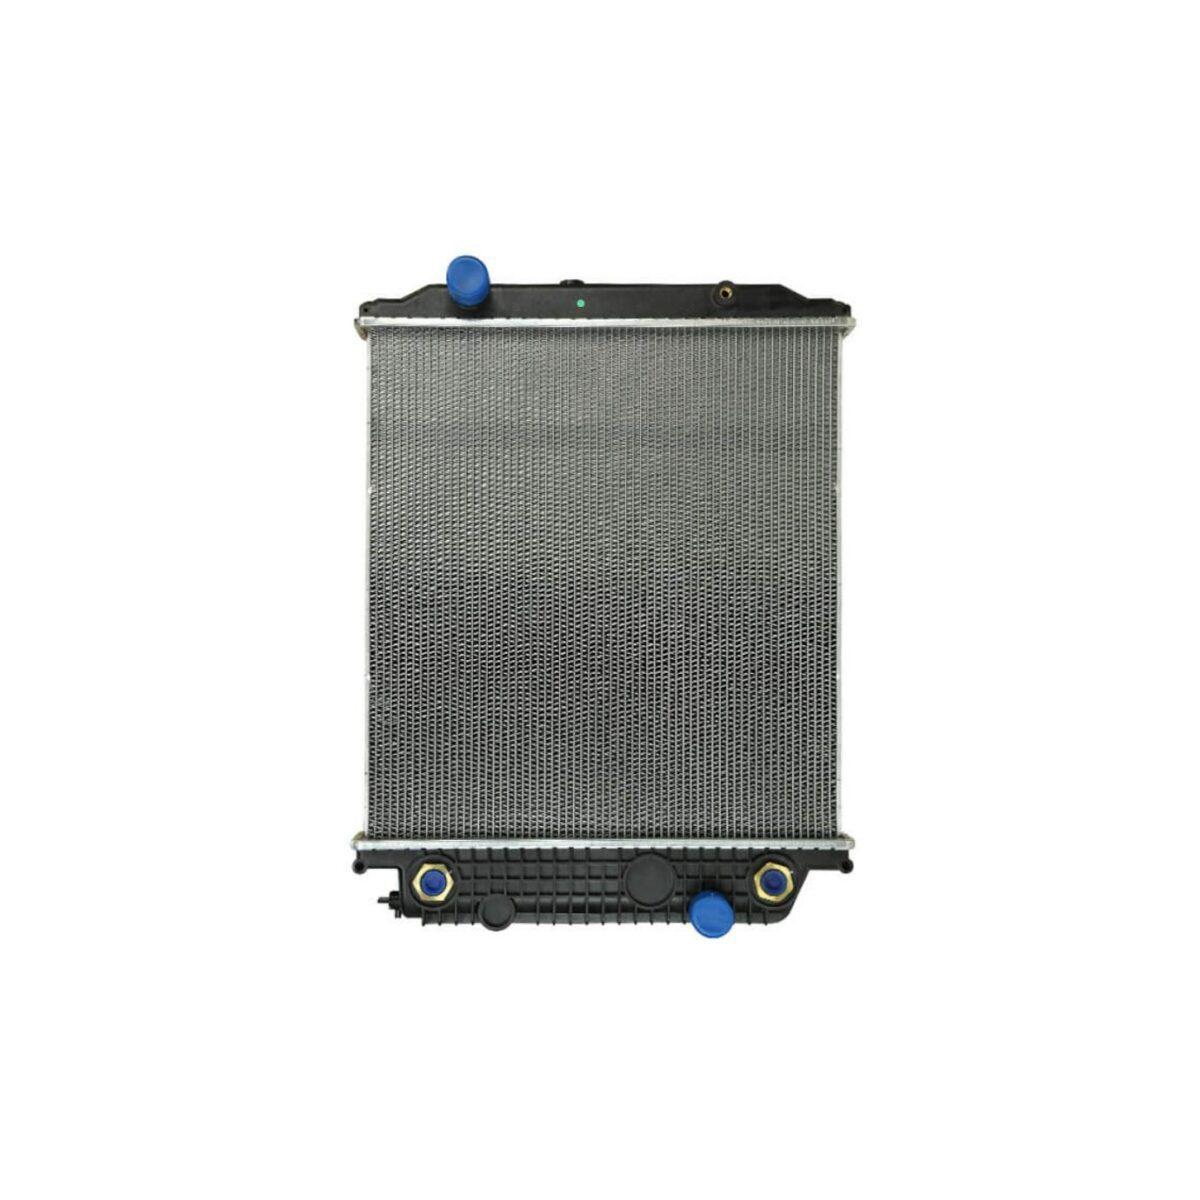 freightliner sterling international freightlinerthomas bus ef model 10 12 radiator oem 1003749as